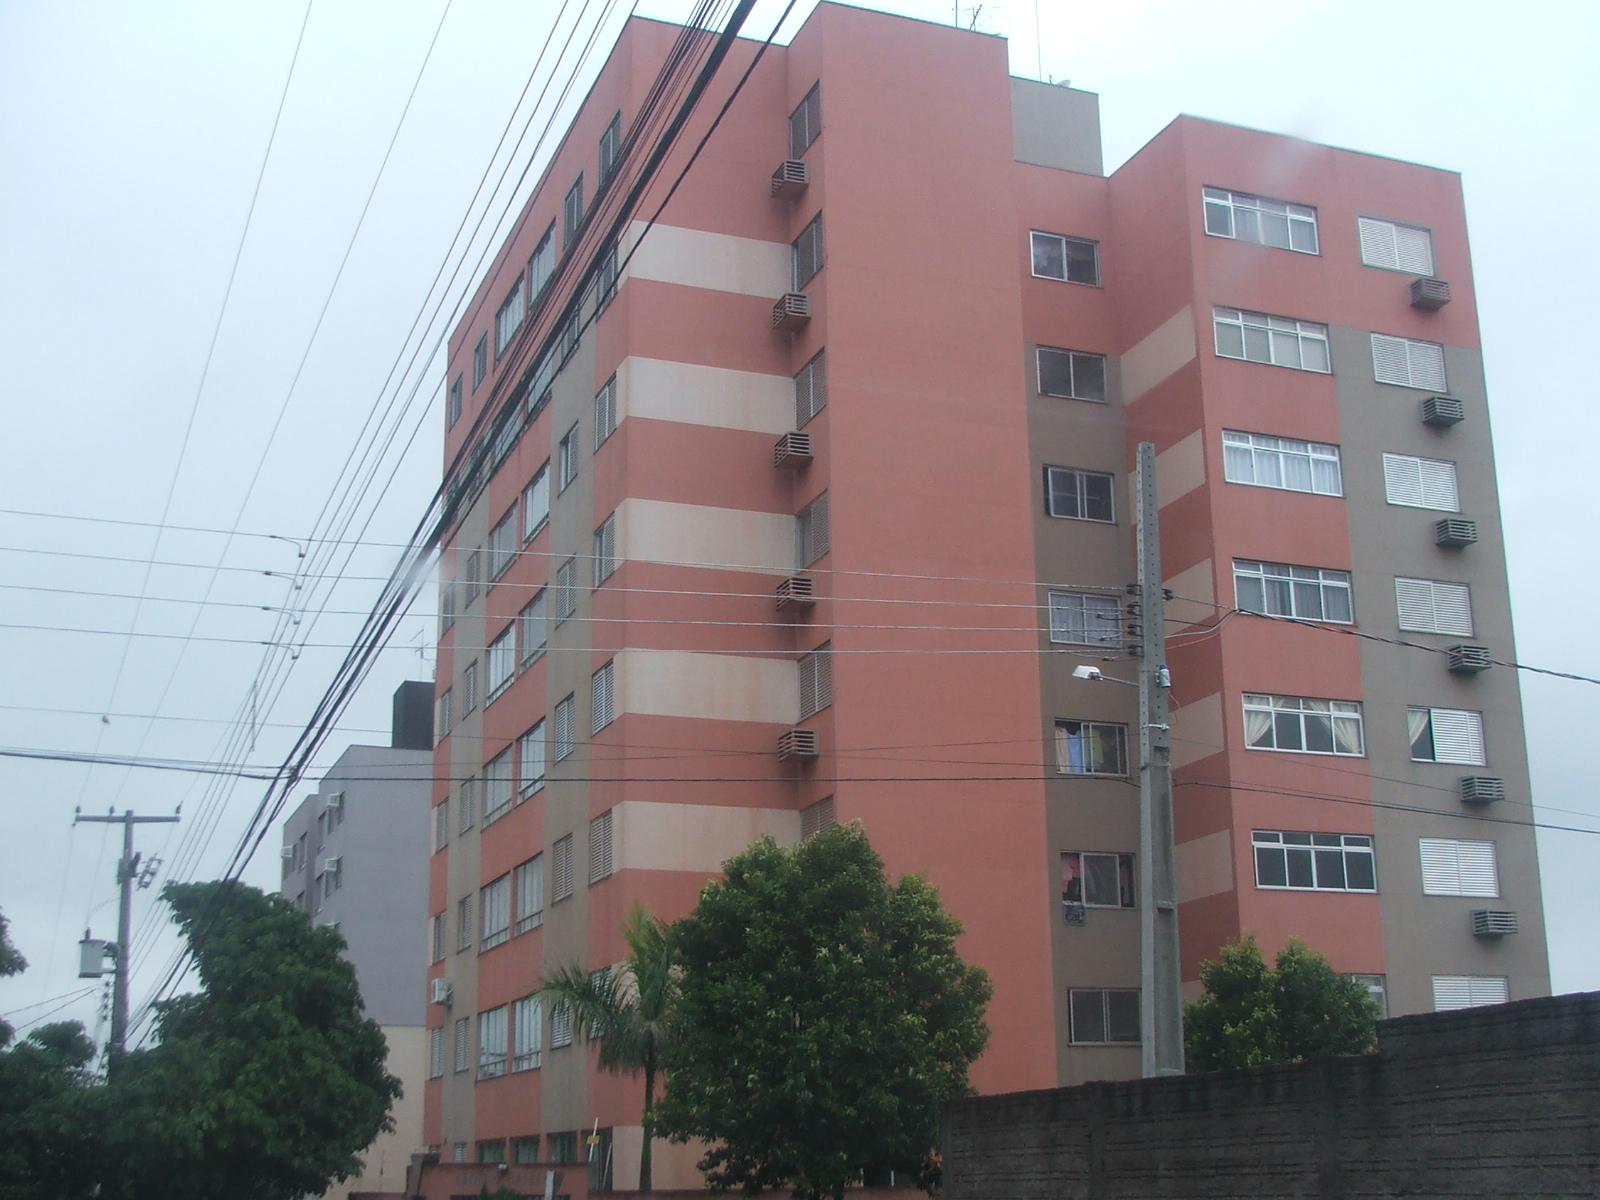 Catuay (em destaque) e Guarapari, prédios atingidos pelo tremor de terra (Crédito: David Arioch)